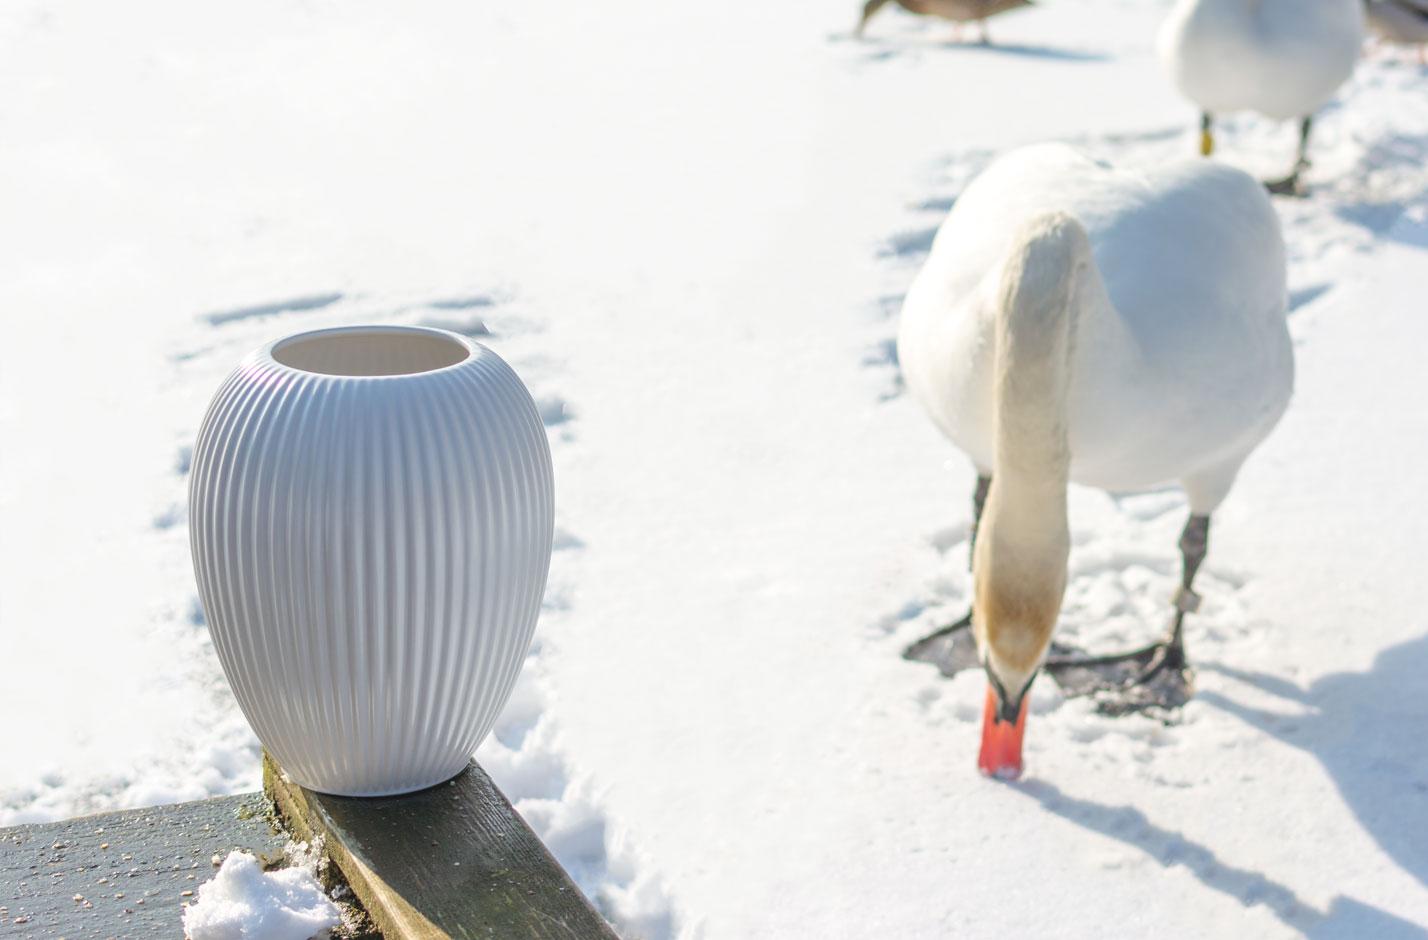 Hvid Michael Andersen Keramik Riflet Vase Model 4767 Med Svane på Frossen Sø